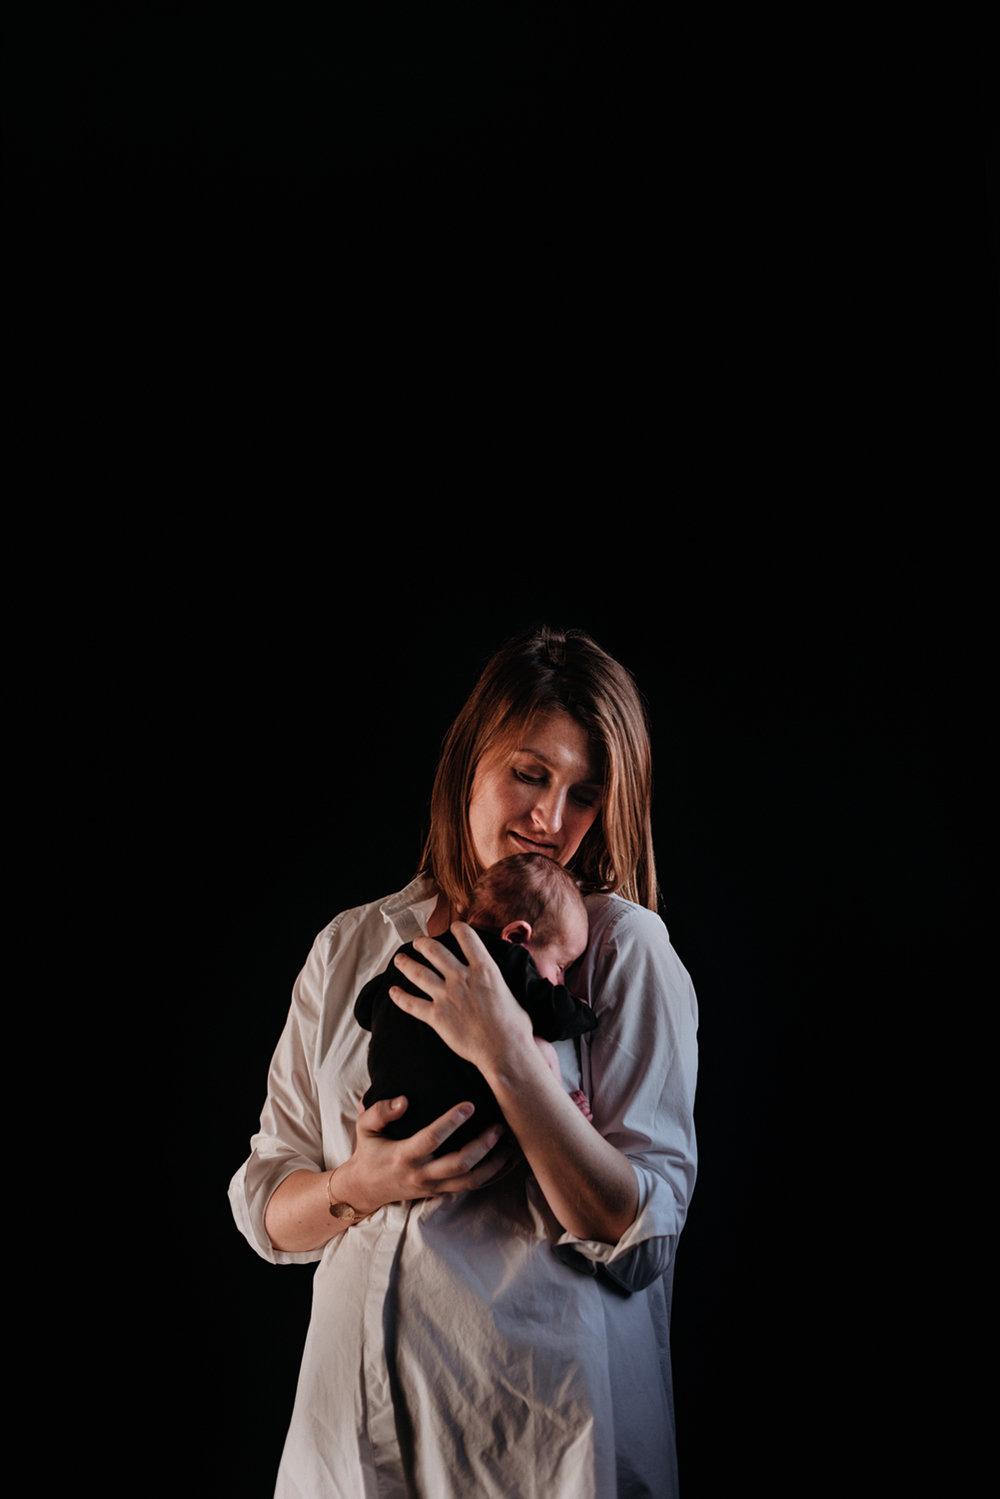 I + A session nouveau-né posé SÉANCE PHOTO bébé bebe |  PHOTOGRAPHE bebe et grossesse PARIS  | FREYIA photography | photographe | nouveau-né bébé maternité grossesse future maman femme enceinte naissance allaitement_-44.jpg